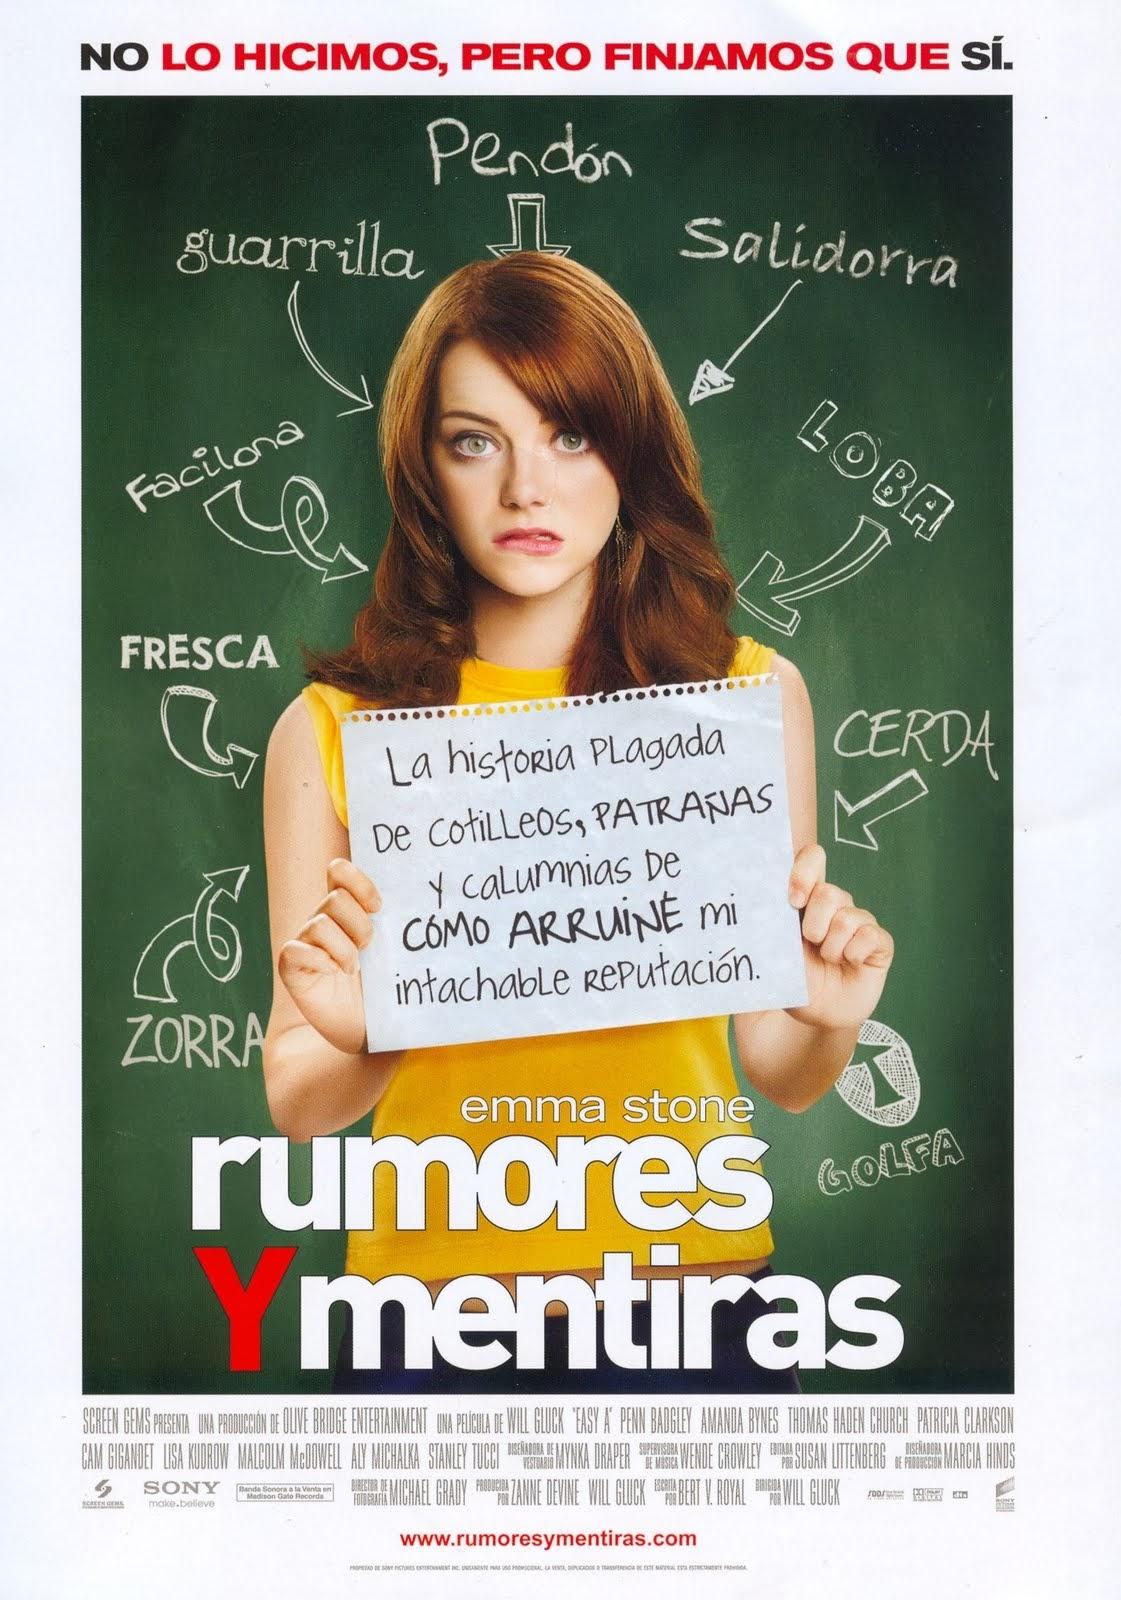 http://3.bp.blogspot.com/-KIFKFUMnHdA/UlU61OfYFrI/AAAAAAAAA_M/h_OHwyl3D5s/s1600/Rumores_Y_Mentiras.jpg